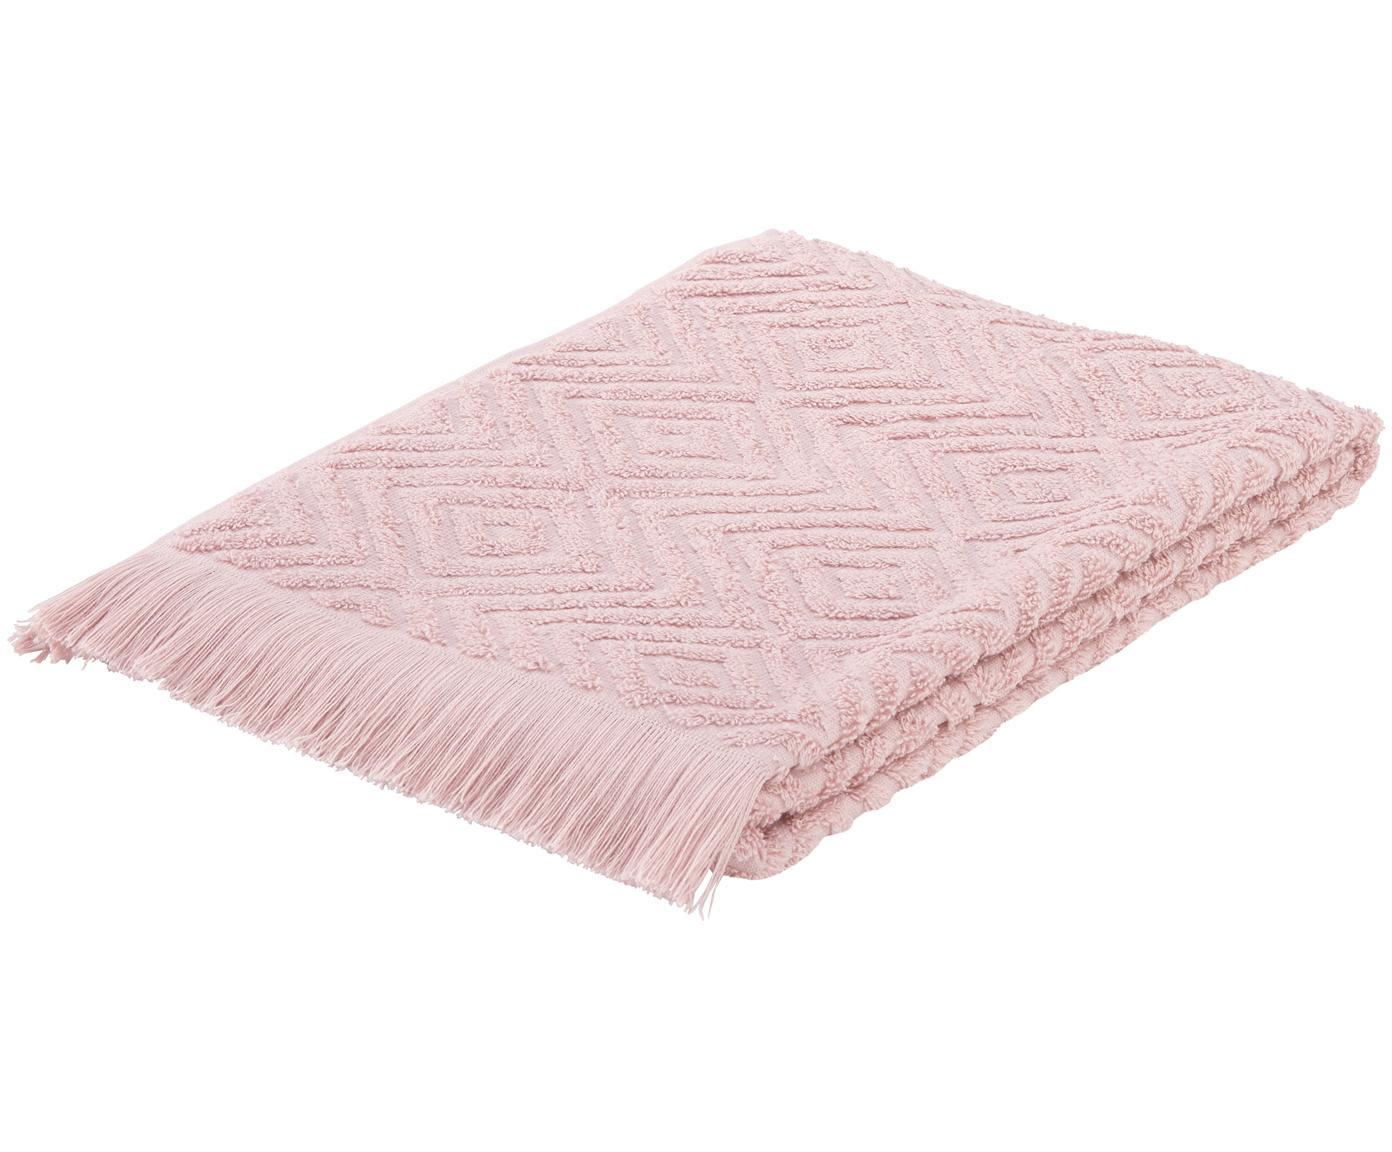 Handtuch Jacqui mit Hoch-Tief-Muster, Rosa, Handtuch